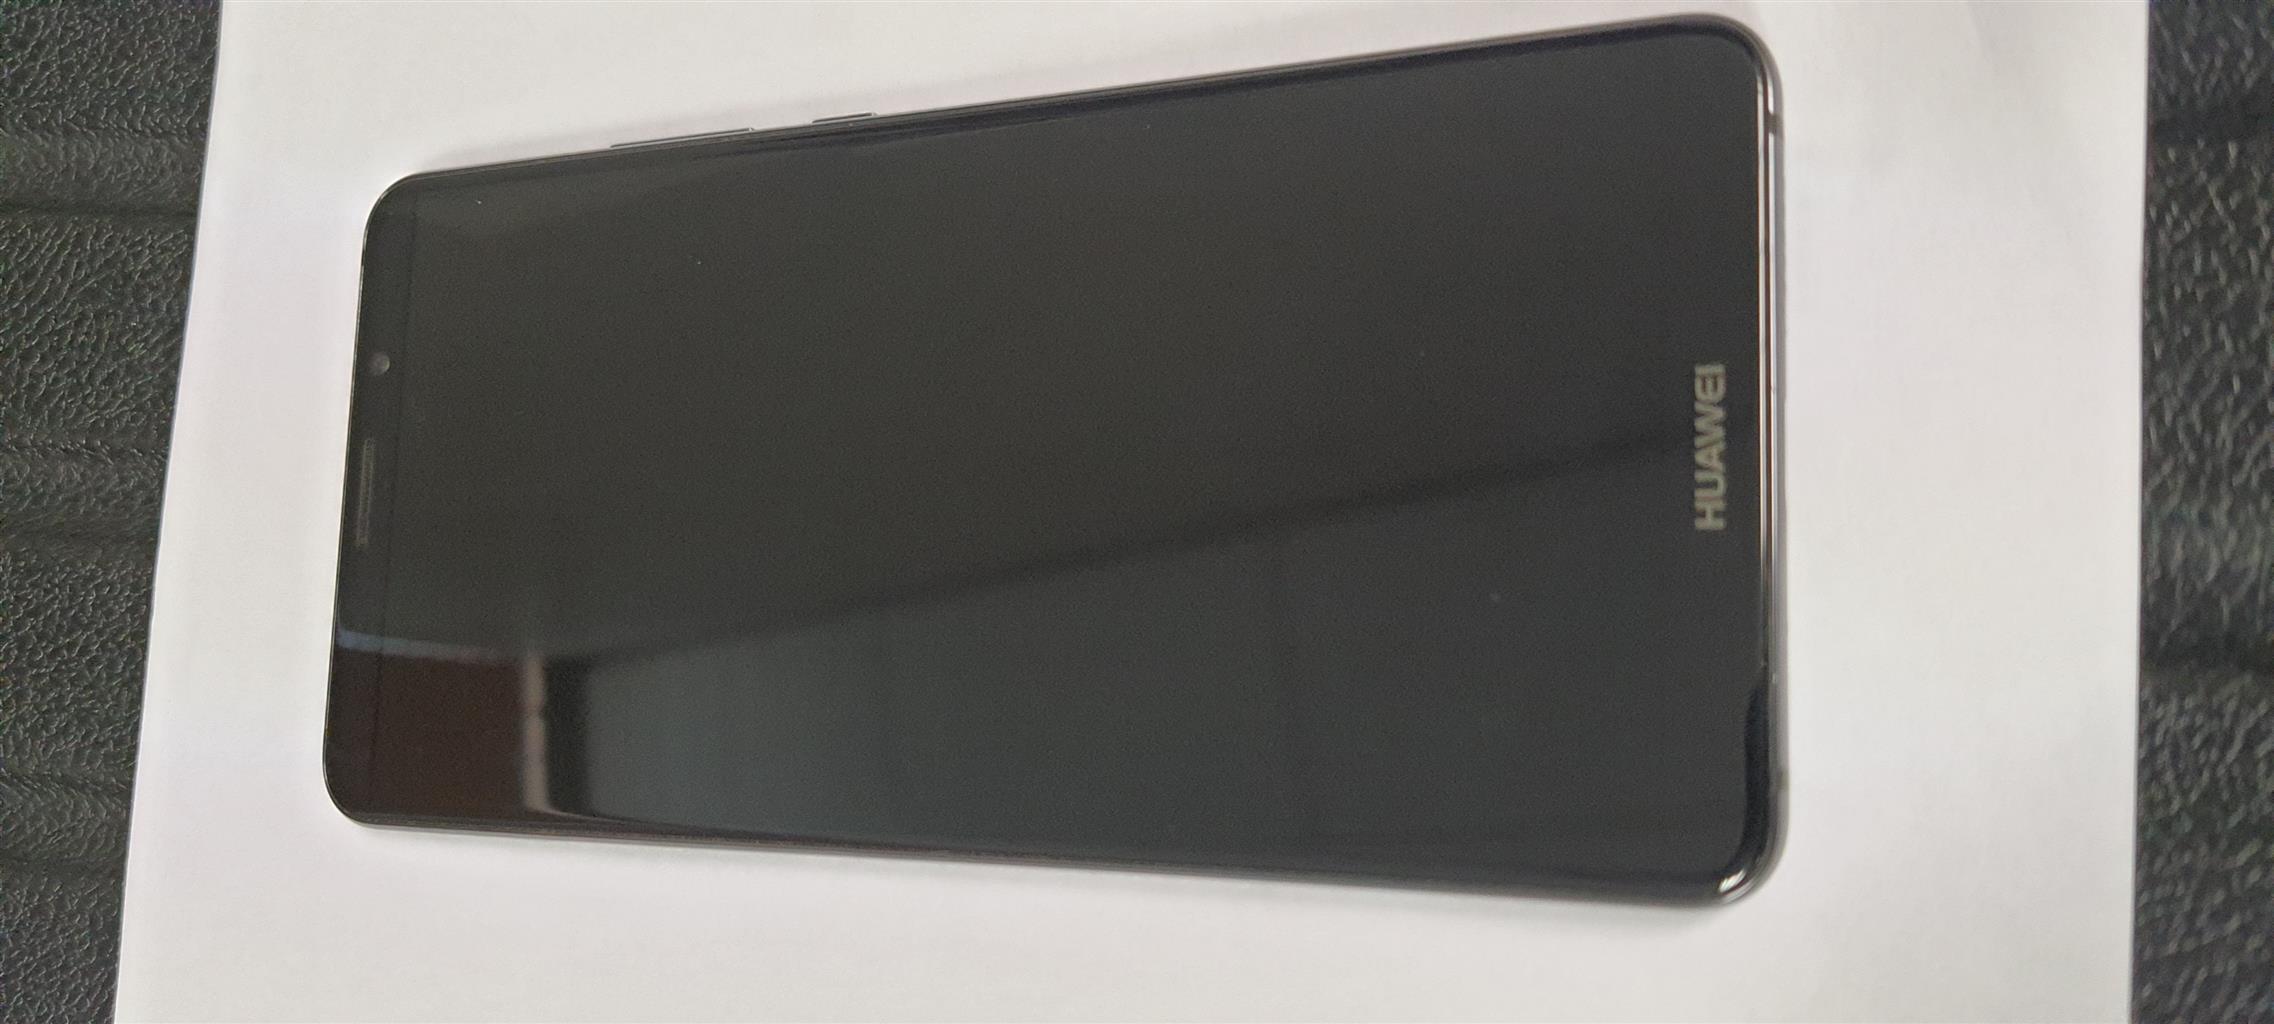 Huawei Mate 10 Pro 128G Black